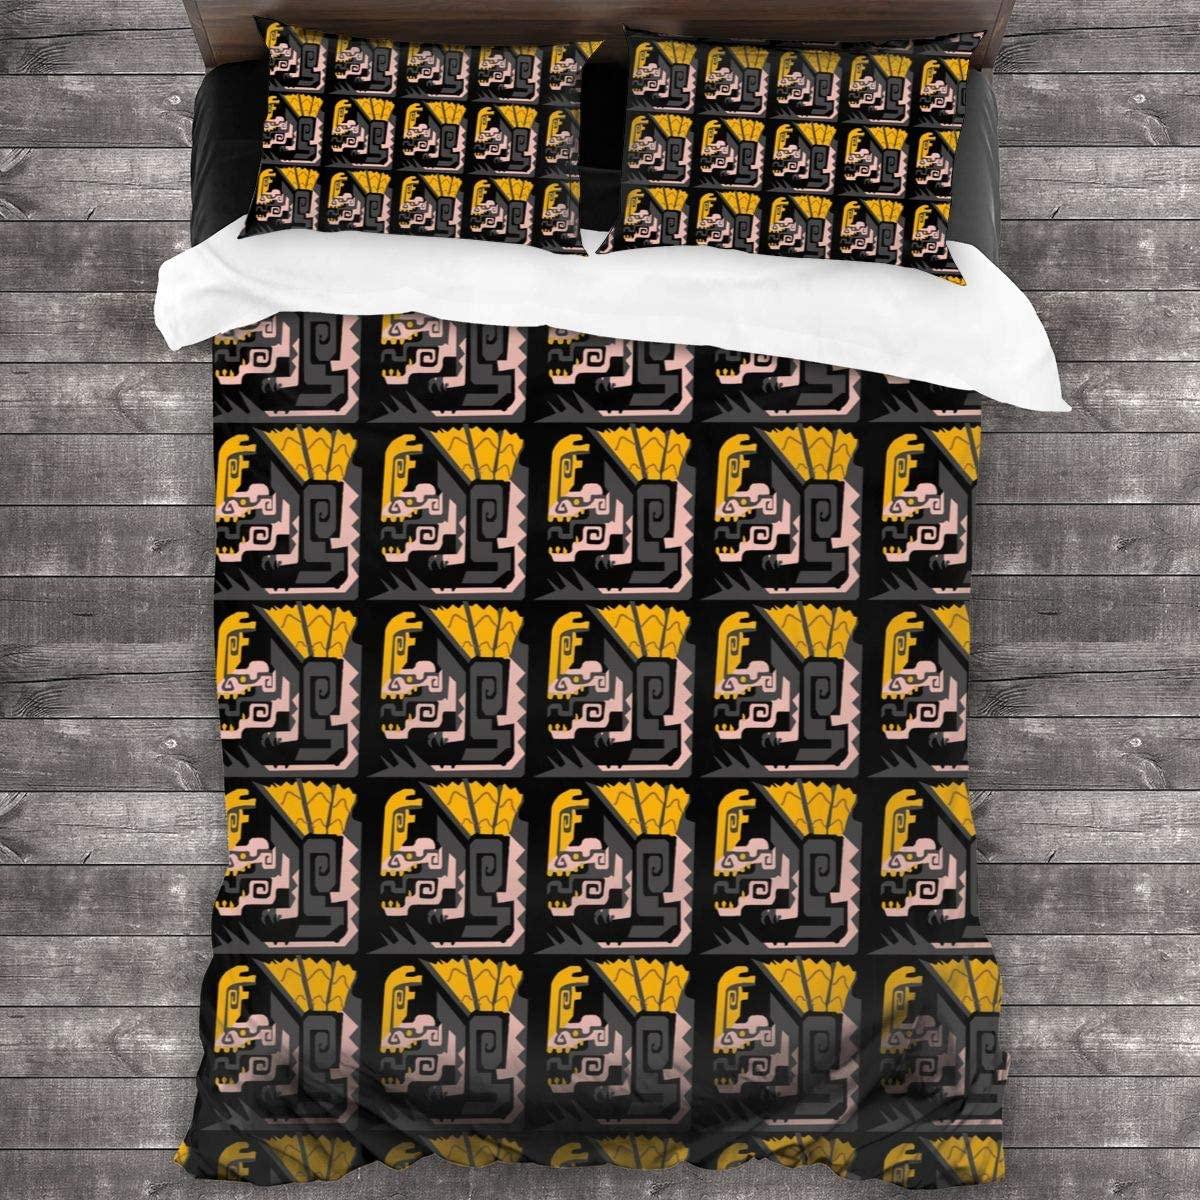 3Pcs Bedding Printing Particular Monster Hunter World Duvet Cover Set Soft(No Comforter),1 Duvet Cover + 2 Pillow Shams